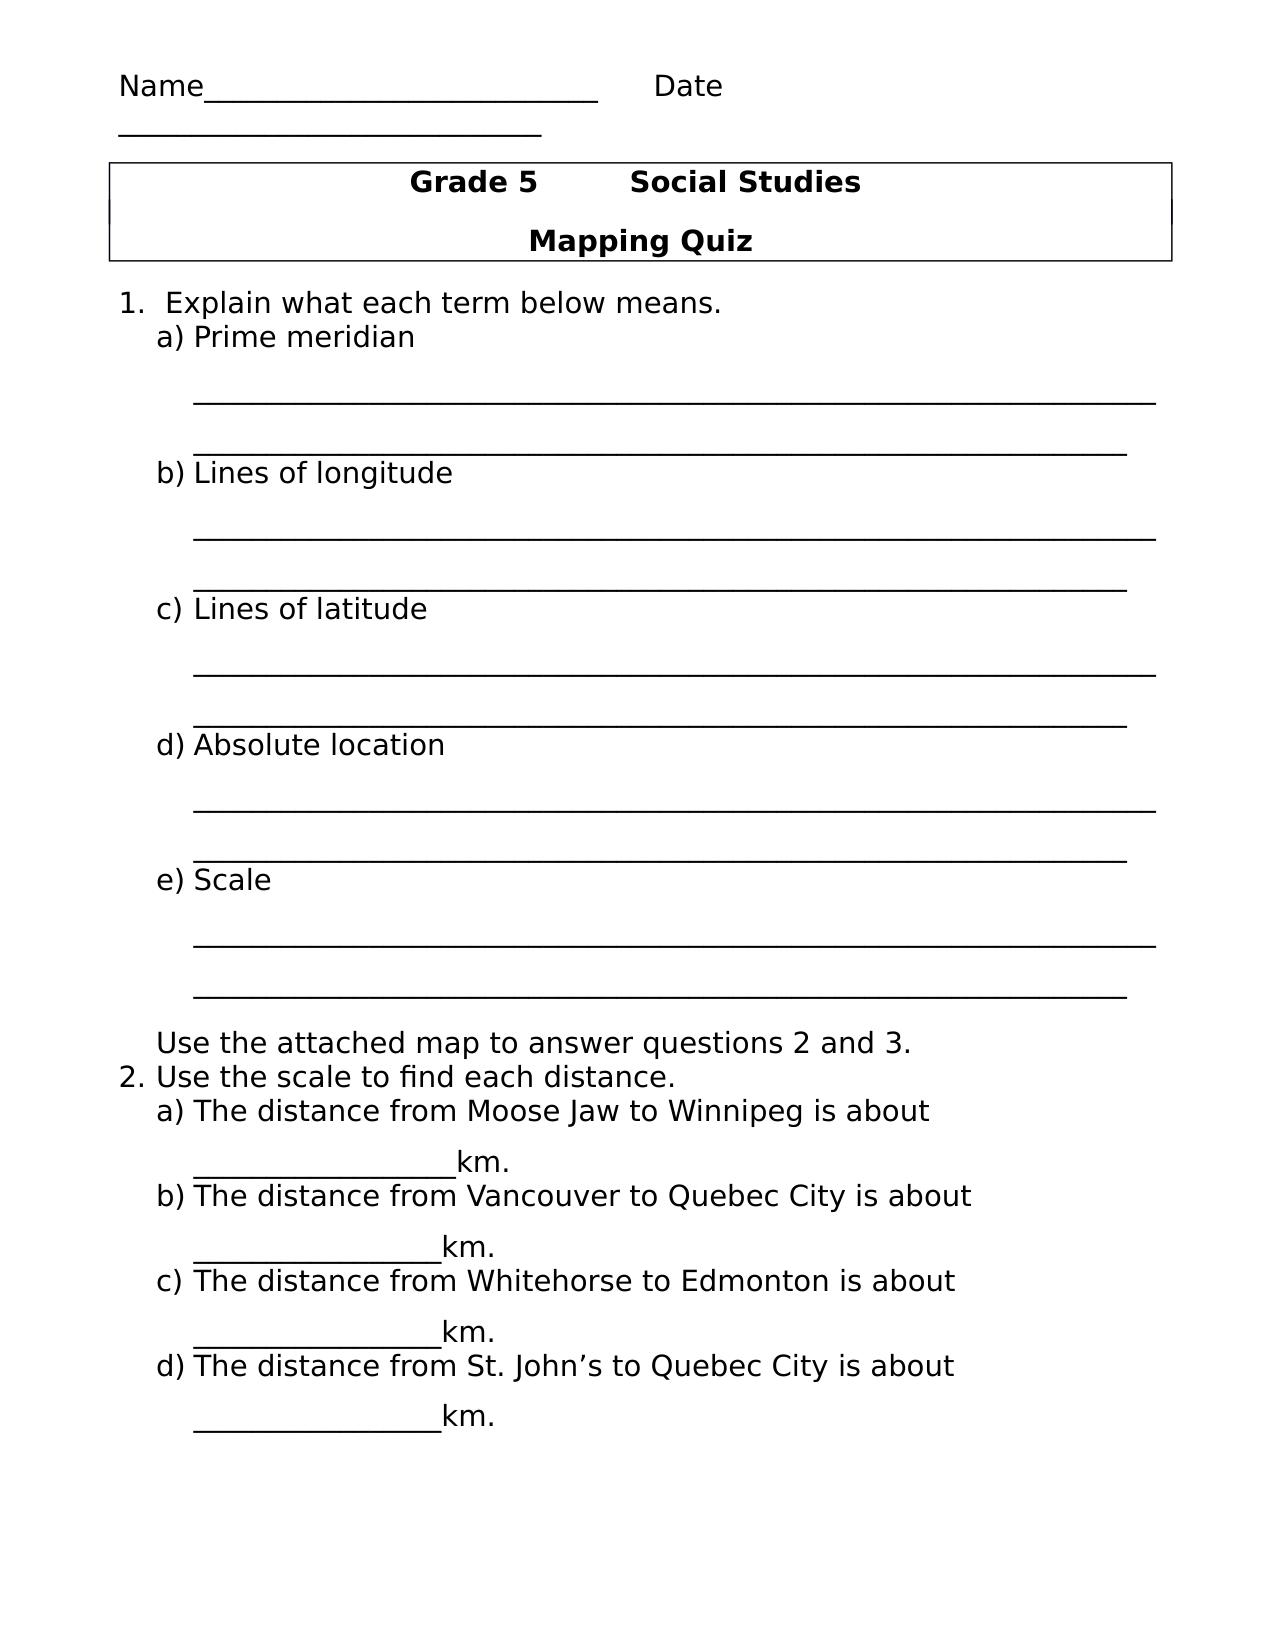 medium resolution of Latitude and Longitude Mapping Quiz - Ninja Plans   Quiz